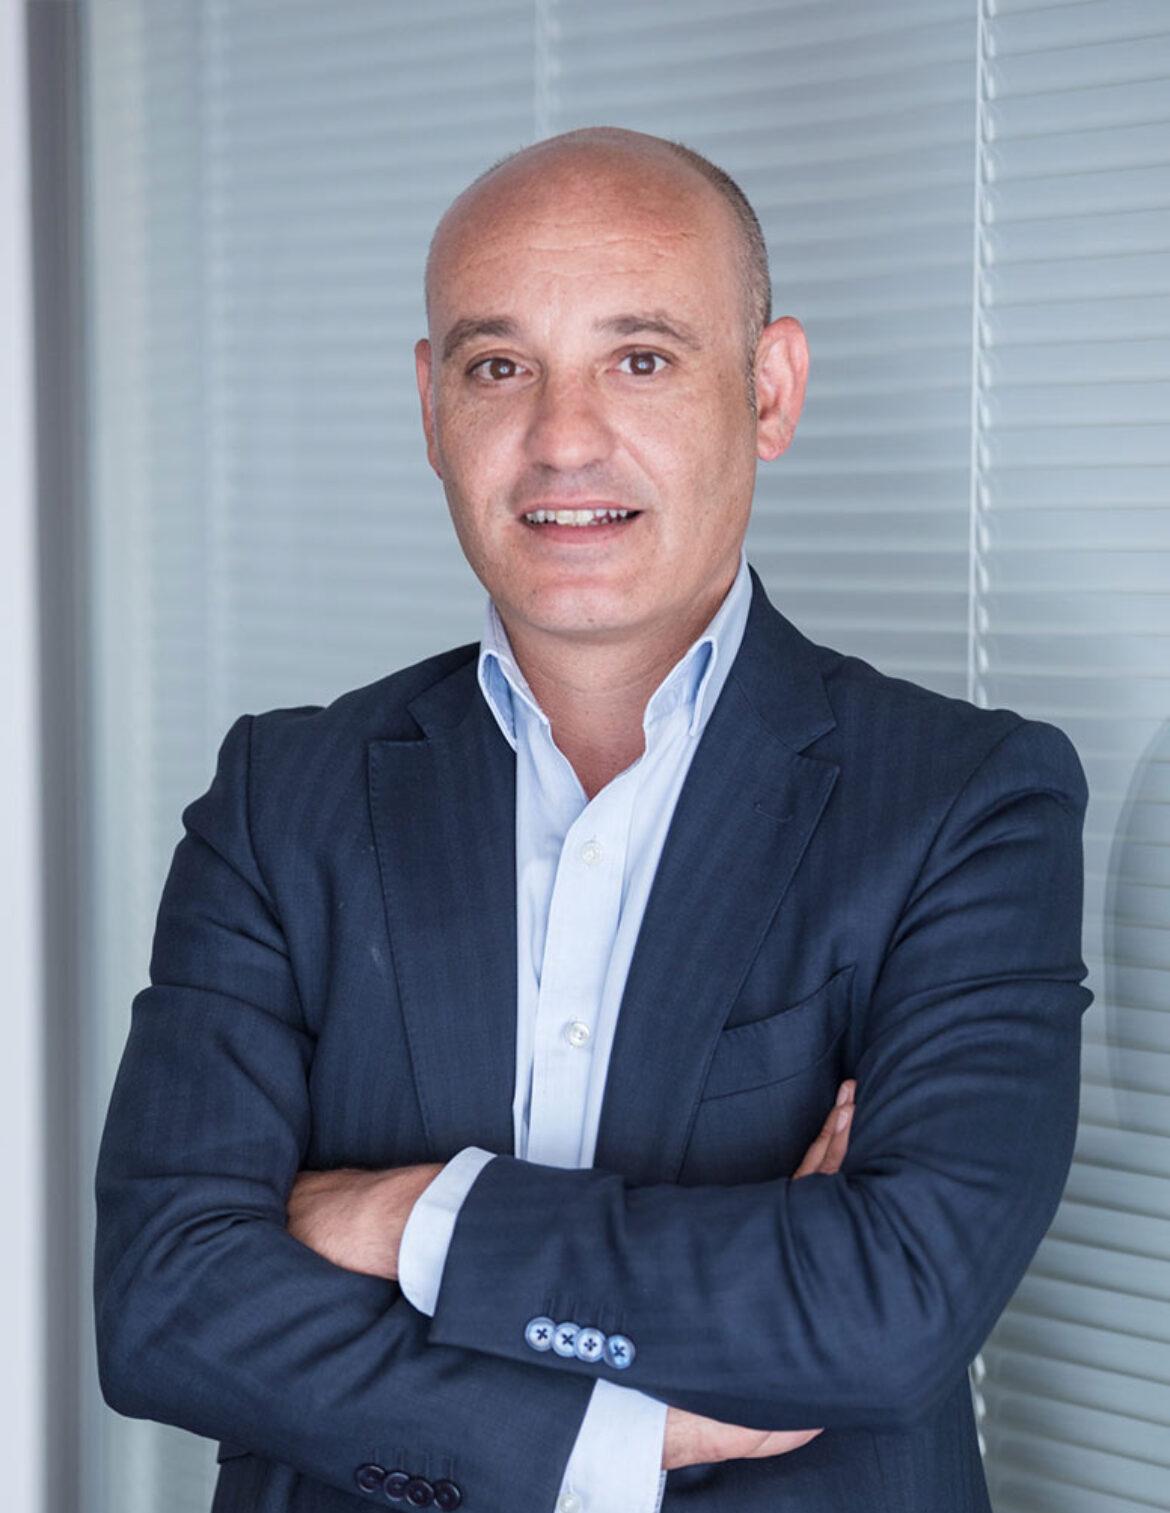 Hector Camañes